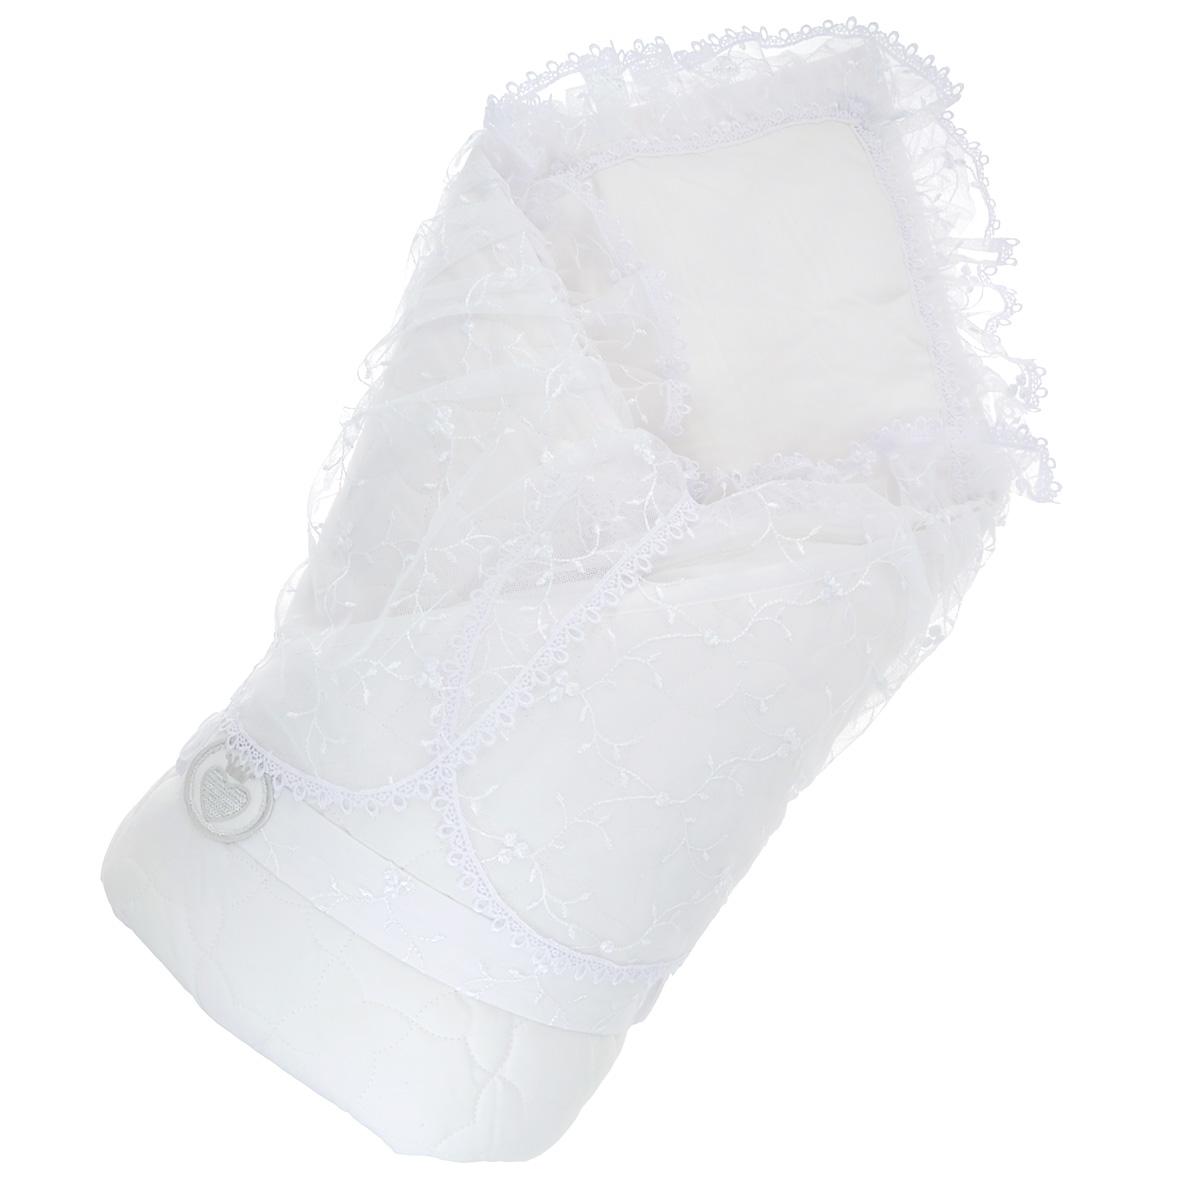 940/0Конверт-одеяло Сонный гномик Малютка прекрасно подойдет для выписки новорожденного из роддома. В дальнейшем его можно использовать во время прогулок с малышом в коляске-люльке или в качестве удобного коврика для пеленания. Конверт изготовлен из 100% хлопка на хлопковой подкладке - мягкая ткань не раздражает чувствительную и нежную кожу ребенка и хорошо вентилируется. Наполнителем служит холлкон - экологически безопасный гипоаллергенный синтетический материал, обладающий высокими теплозащитными свойствами. Конверт-одеяло складывается и фиксируется на липучку. В комплект входит эластичный поясок на липучке, украшенный оригинальной нашивкой. Верхняя часть конверта украшена вуалью с ажурной вышивкой, пристегивающуюся с помощью застежек-молний. Также конверт оформлен фигурной прострочкой. Оригинальный конверт на выписку порадует взгляд родителей и прохожих.